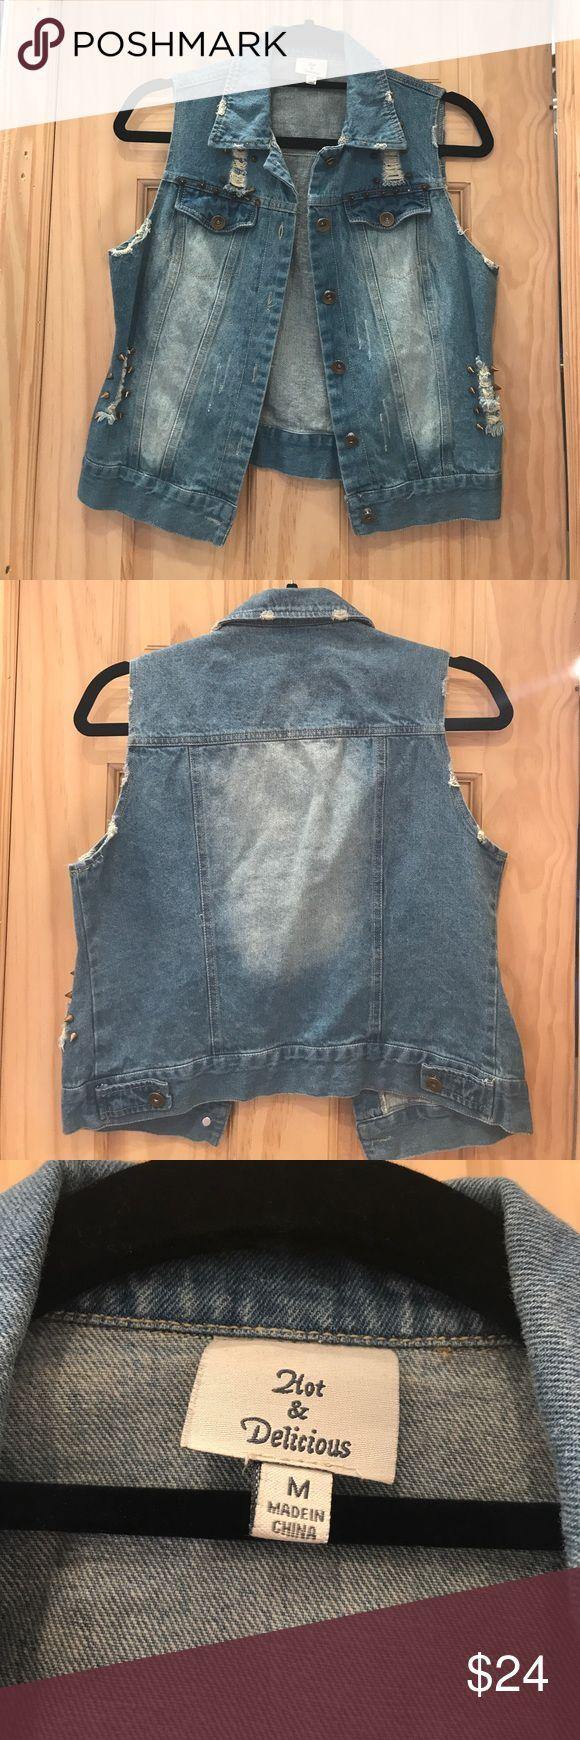 Destroyed Studded Denim Vest Destroyed Studded Denim Vest- New without tags Hot & Delicious Jackets & Coats Vests